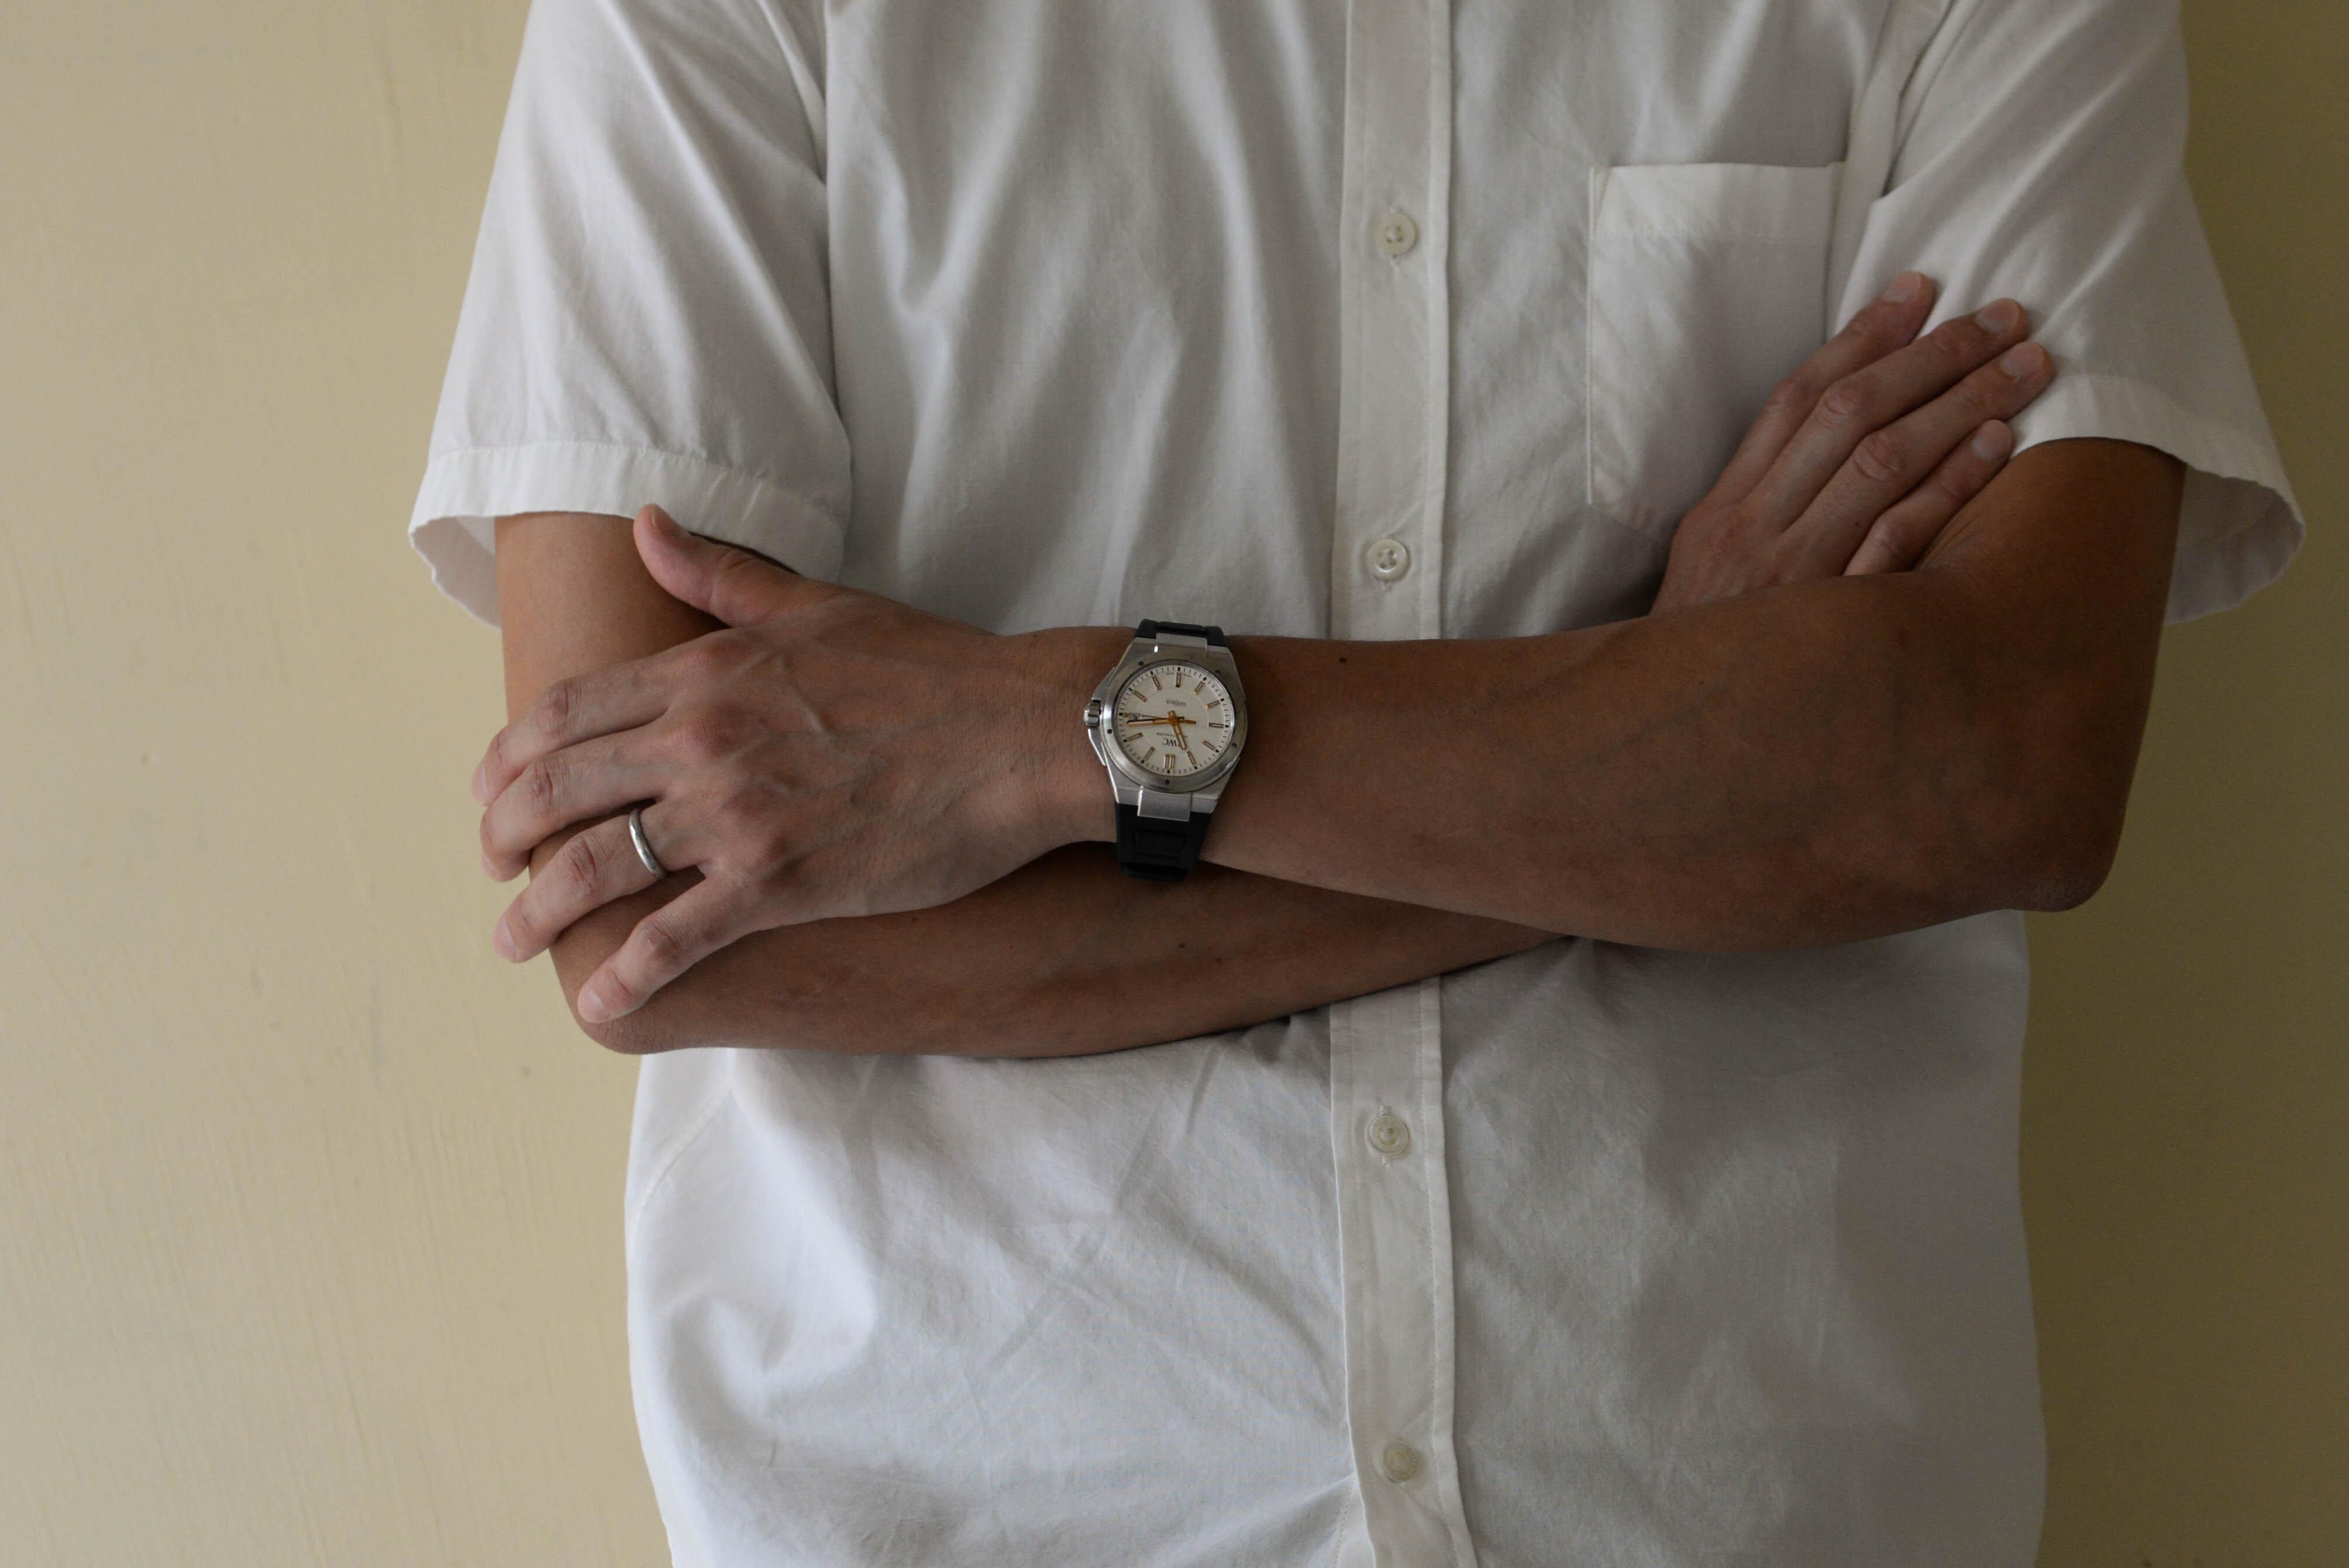 浅見さんの腕時計はIWCのインヂュニア オートマティック